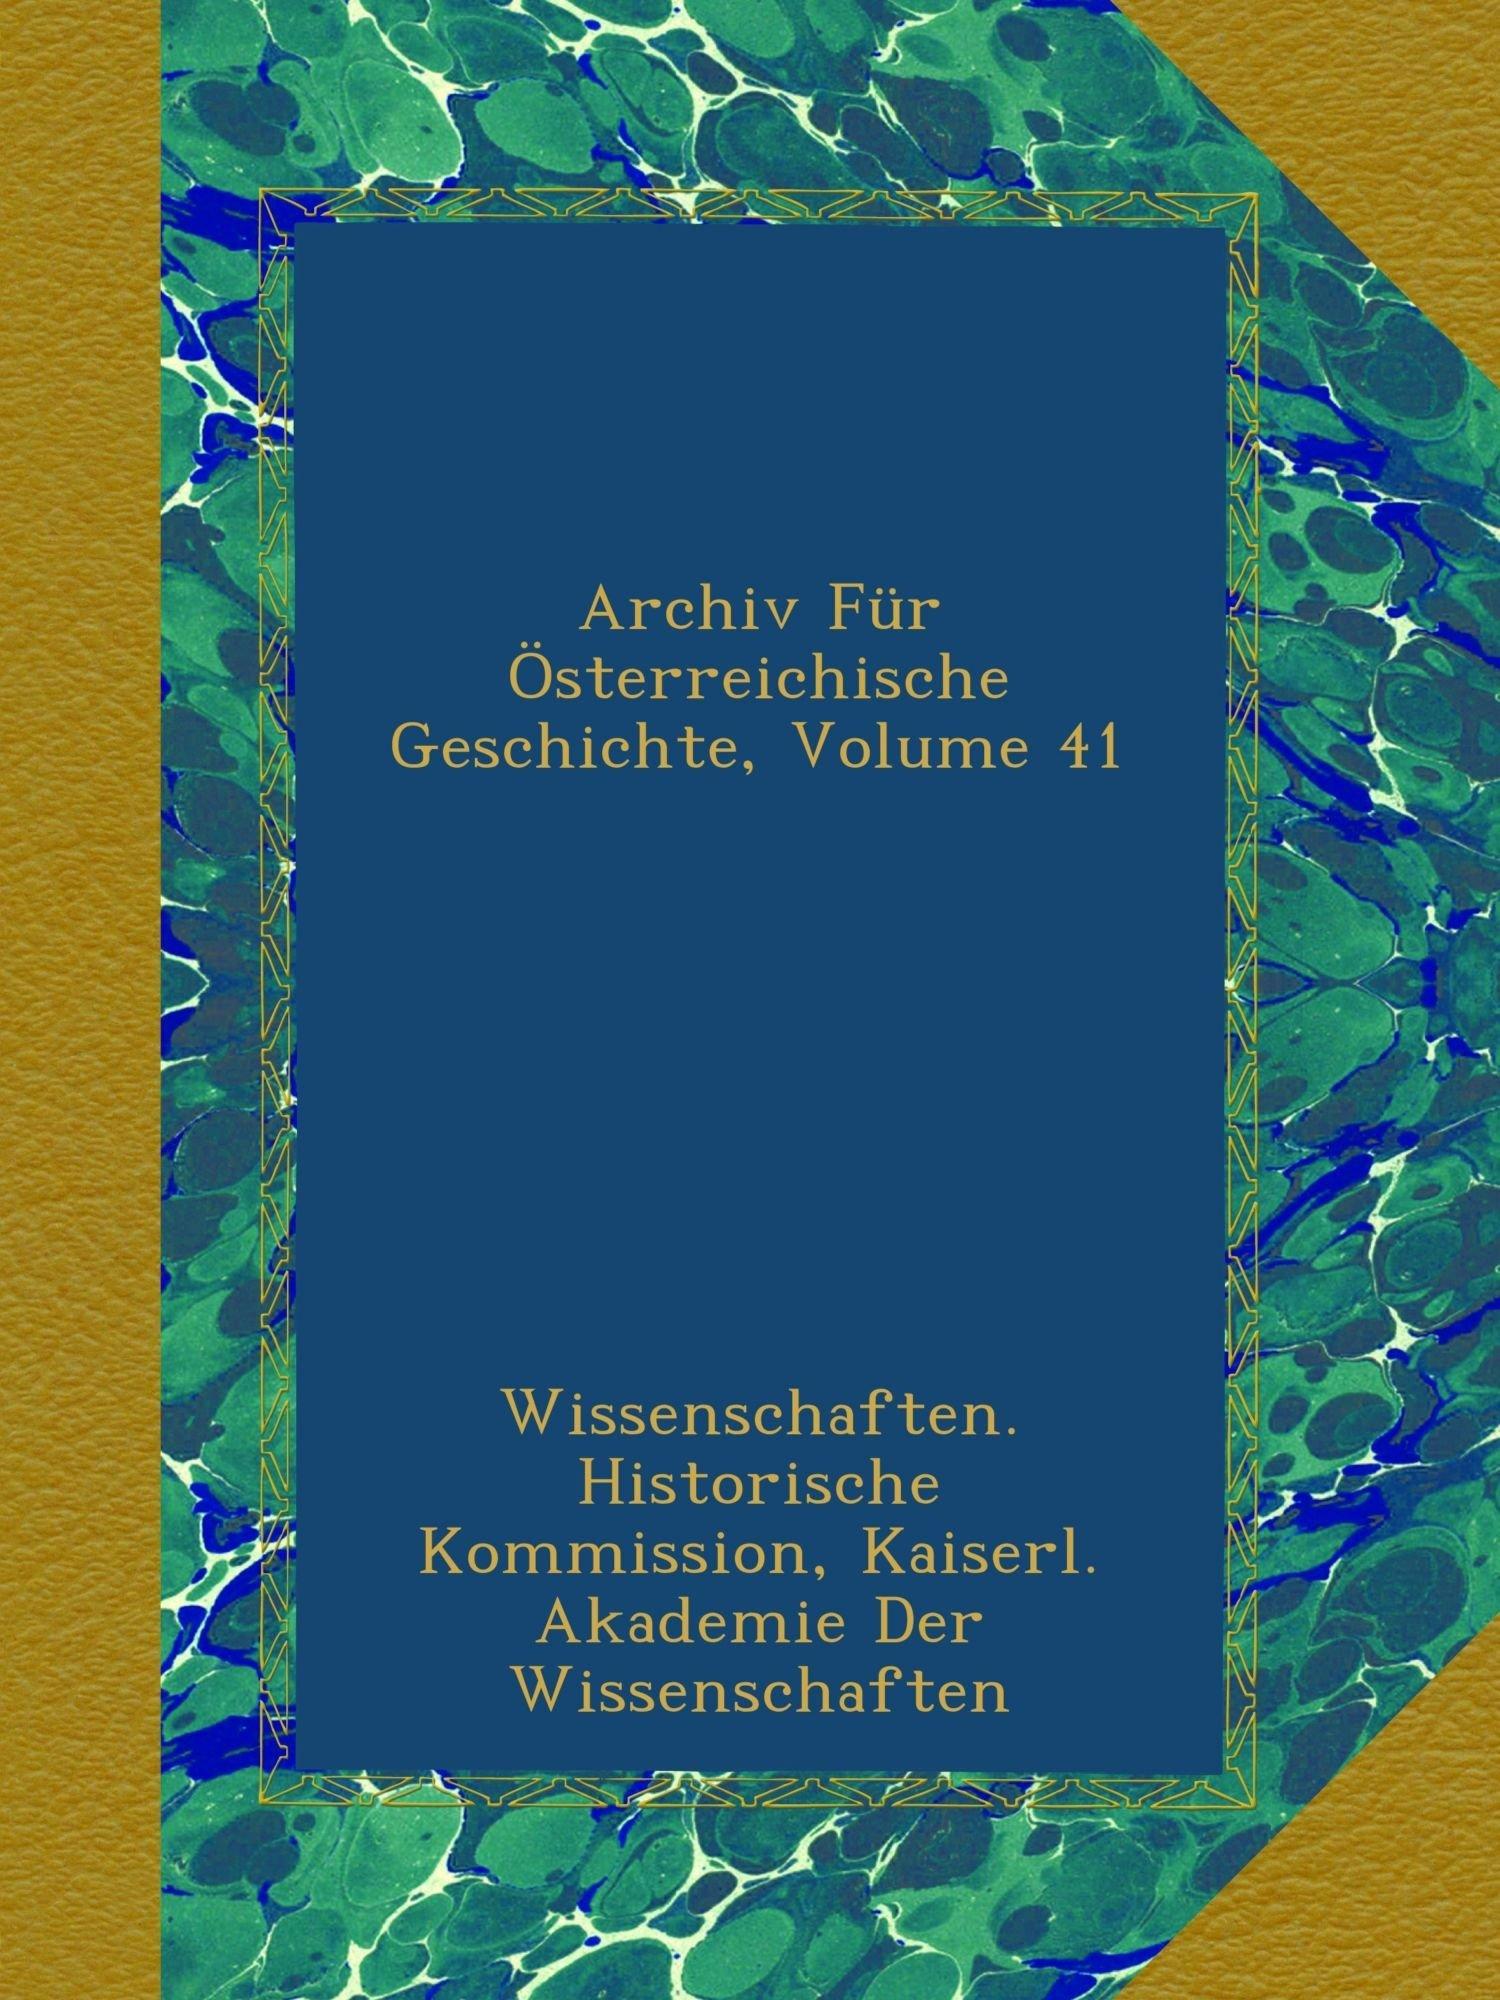 Archiv Für Österreichische Geschichte, Volume 41 (German Edition) pdf epub